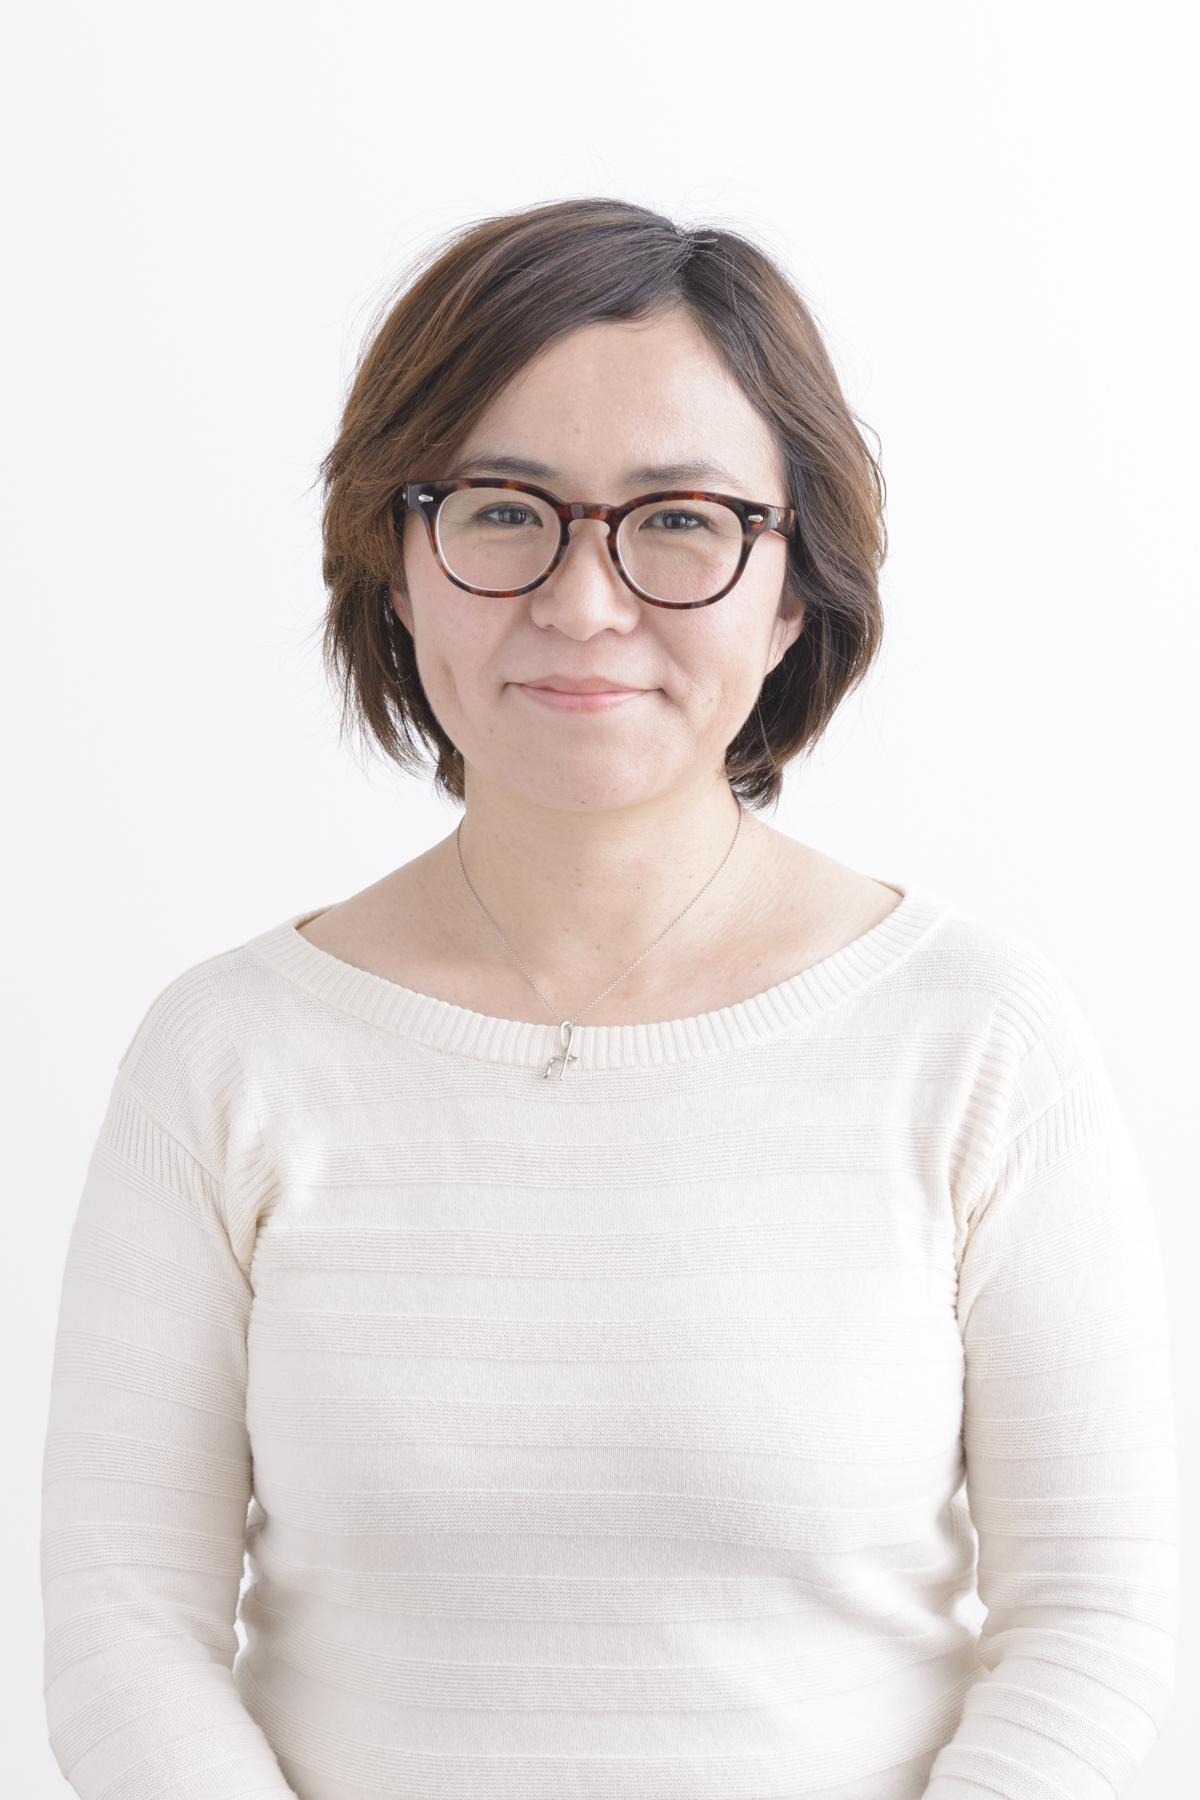 ナツイエスタッフ紹介5 菊井深雪さん